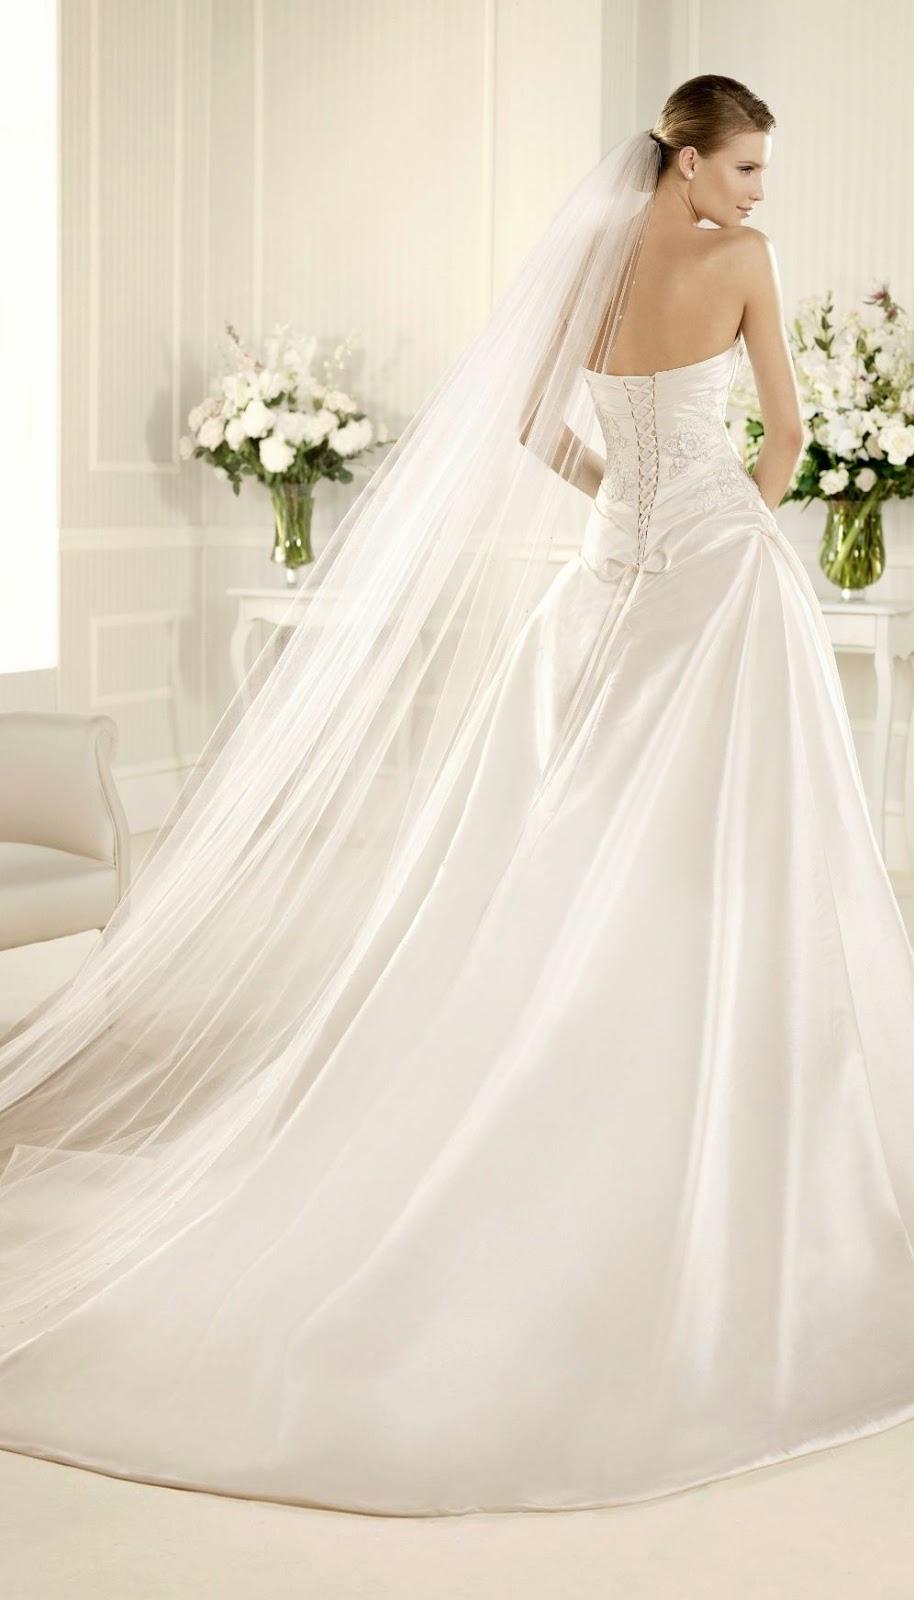 Hochzeitskleider Aus Der Türkei 2015  Hochzeitskleider 2015